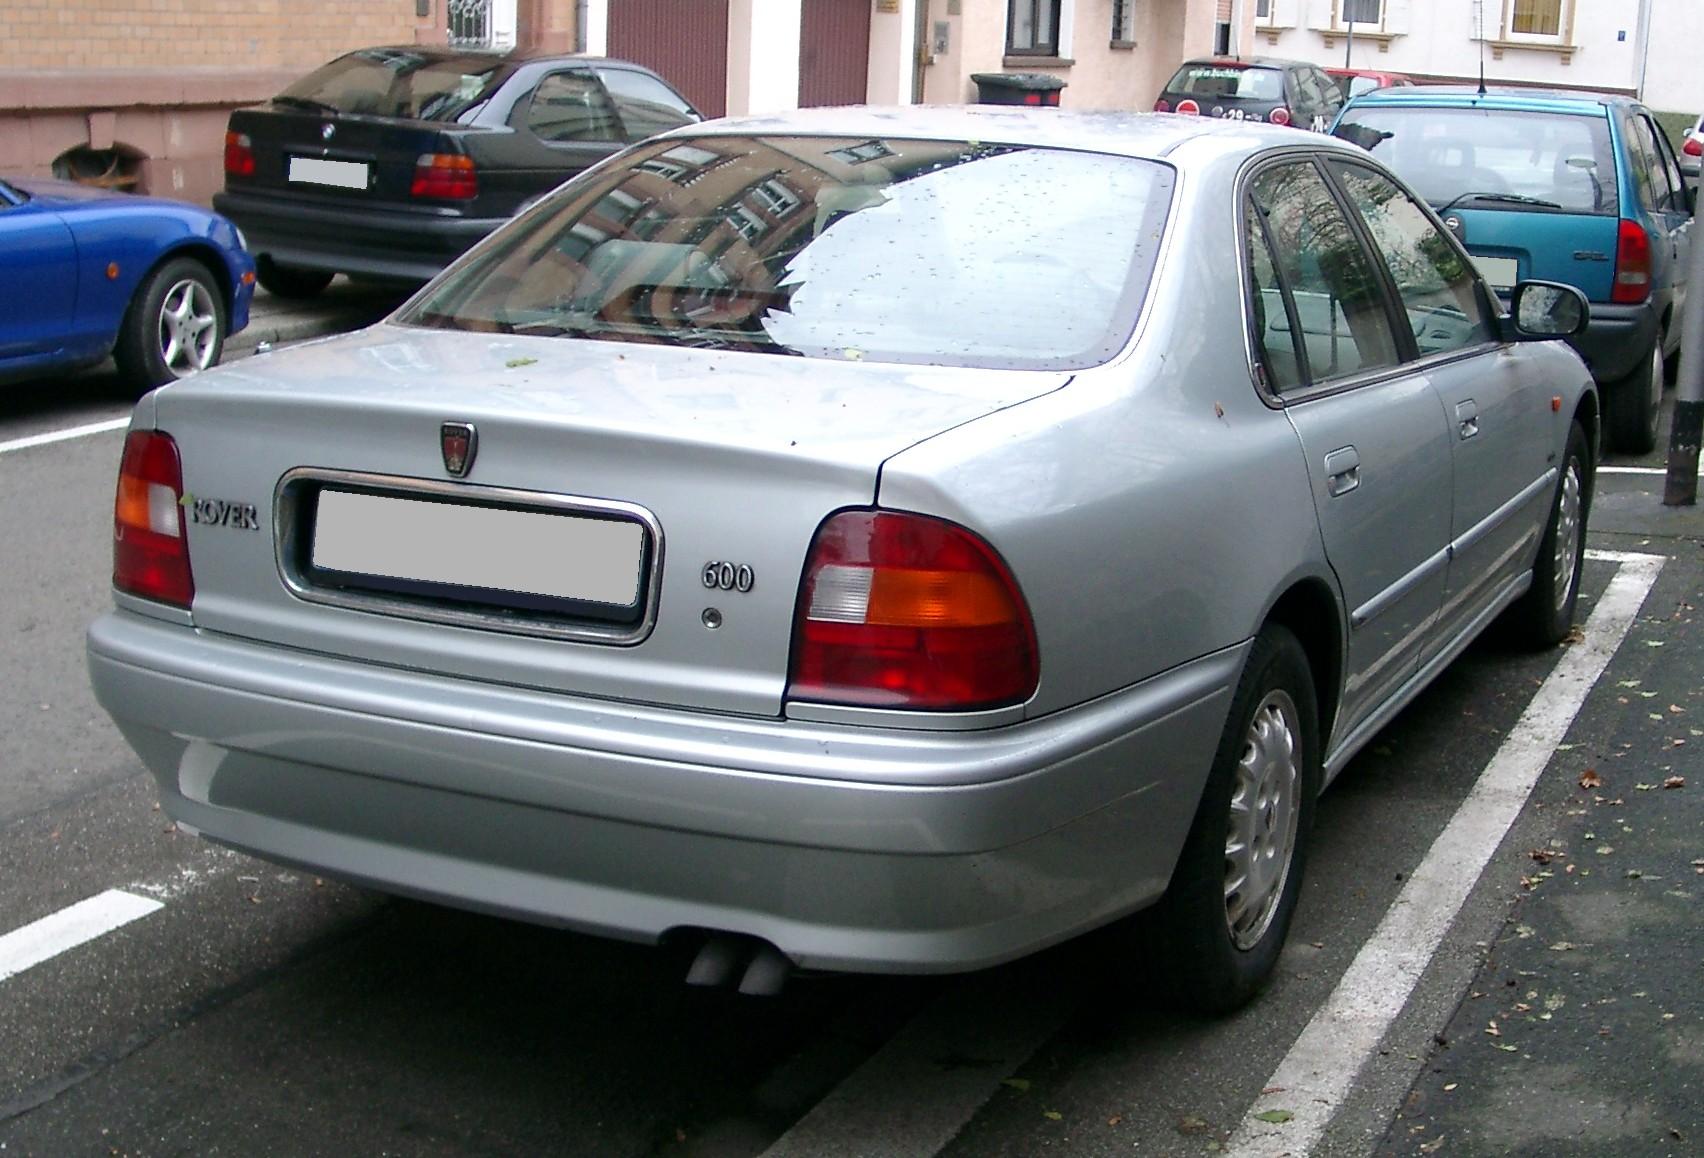 Rover 600 rear 20071204 jpg